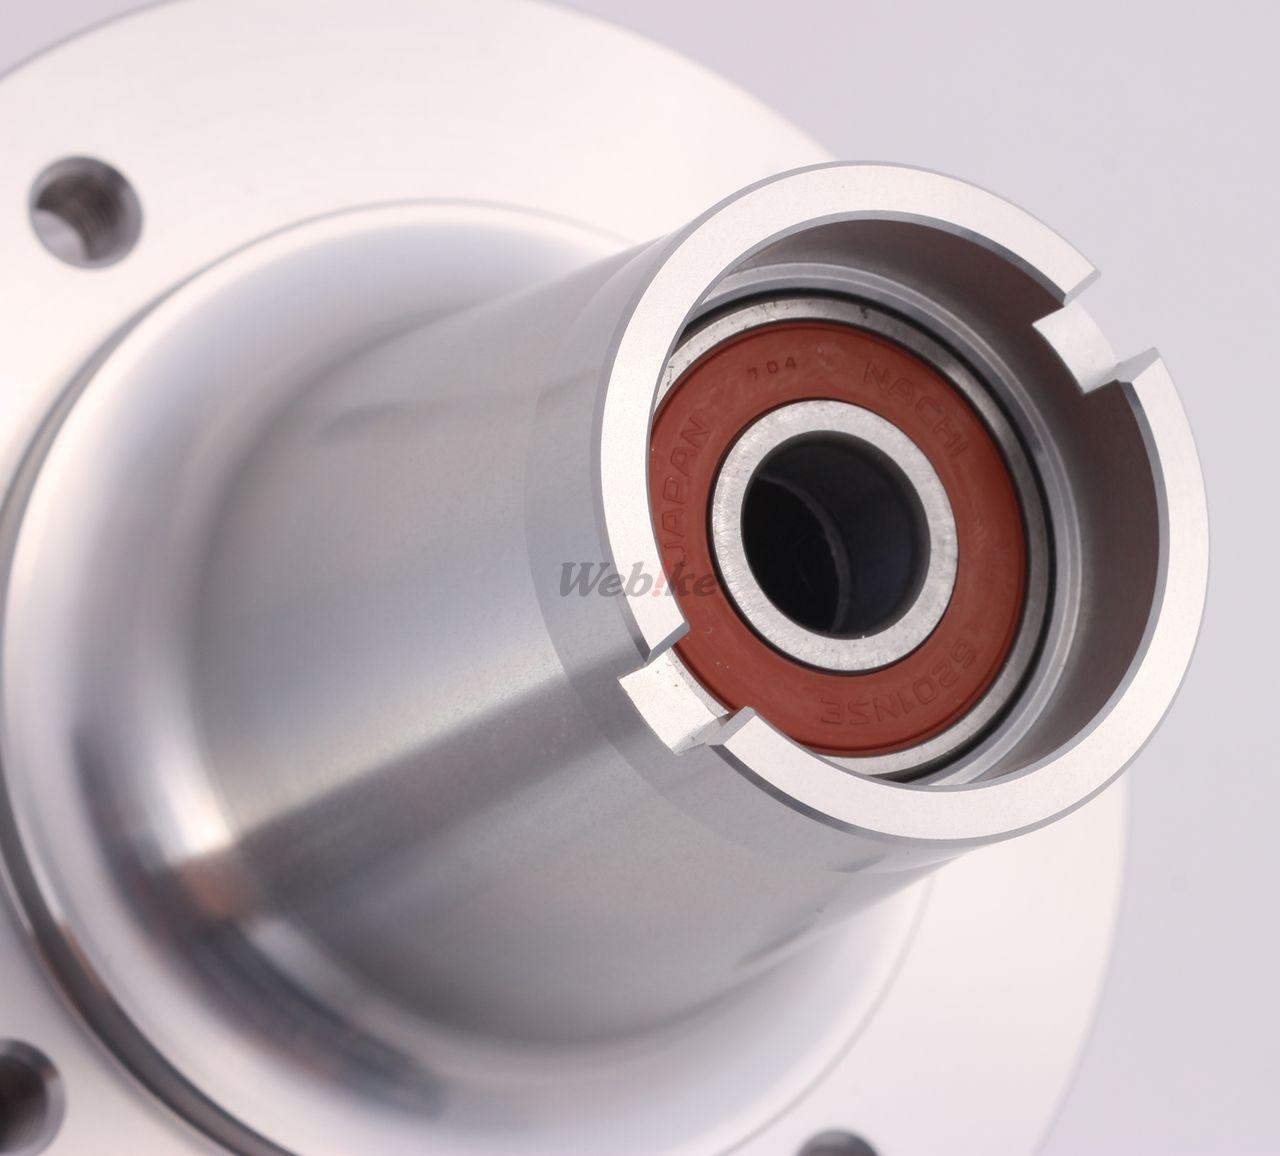 【G-Craft】加寬型碟煞前輪轂 (銀色) - 「Webike-摩托百貨」